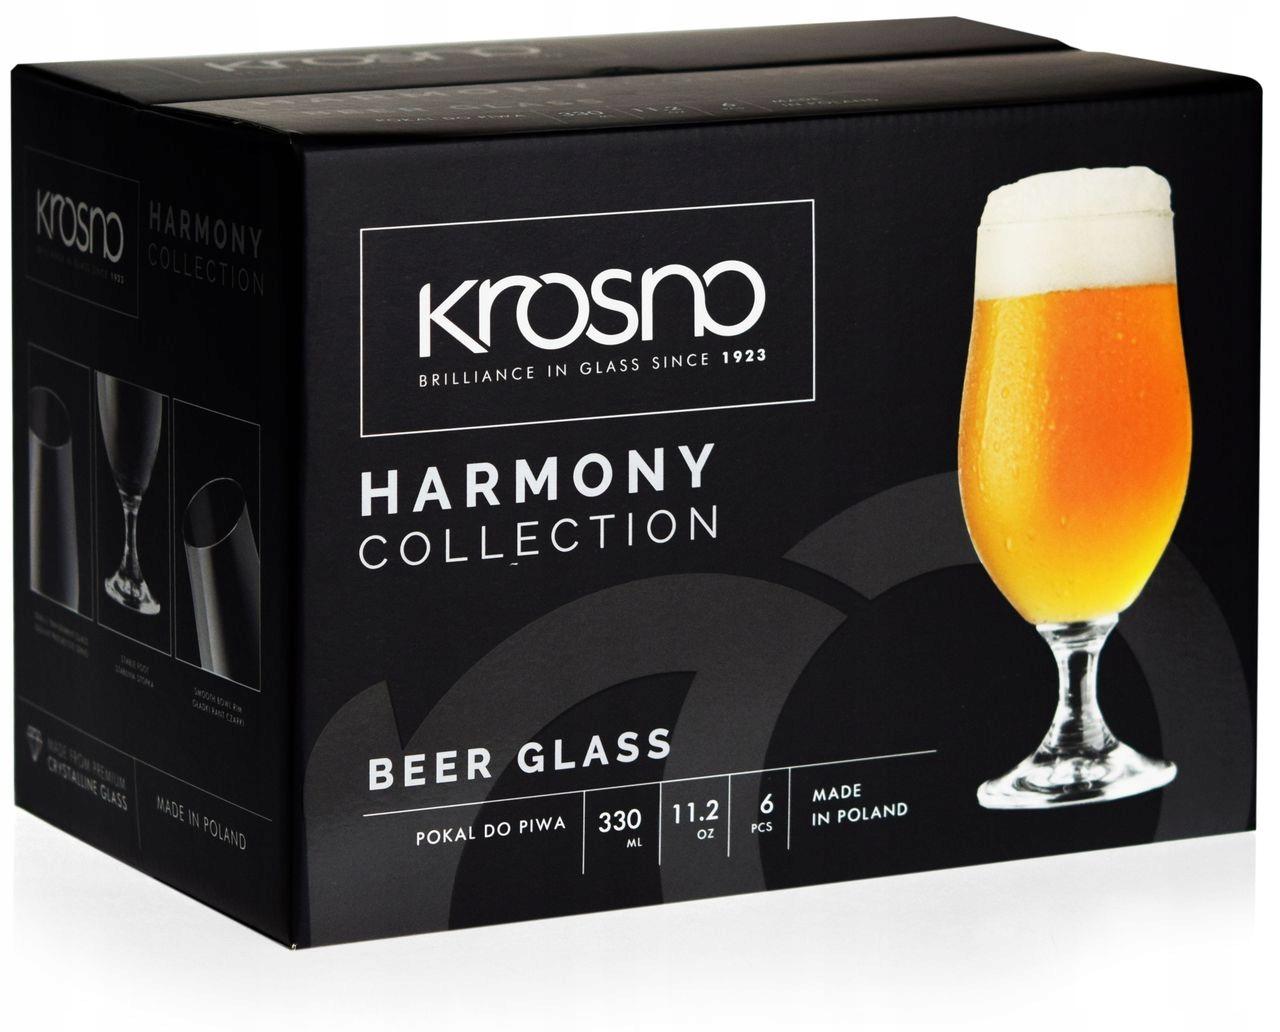 KROSNO Harmony pokale kufle szklanki do piwa 330ml